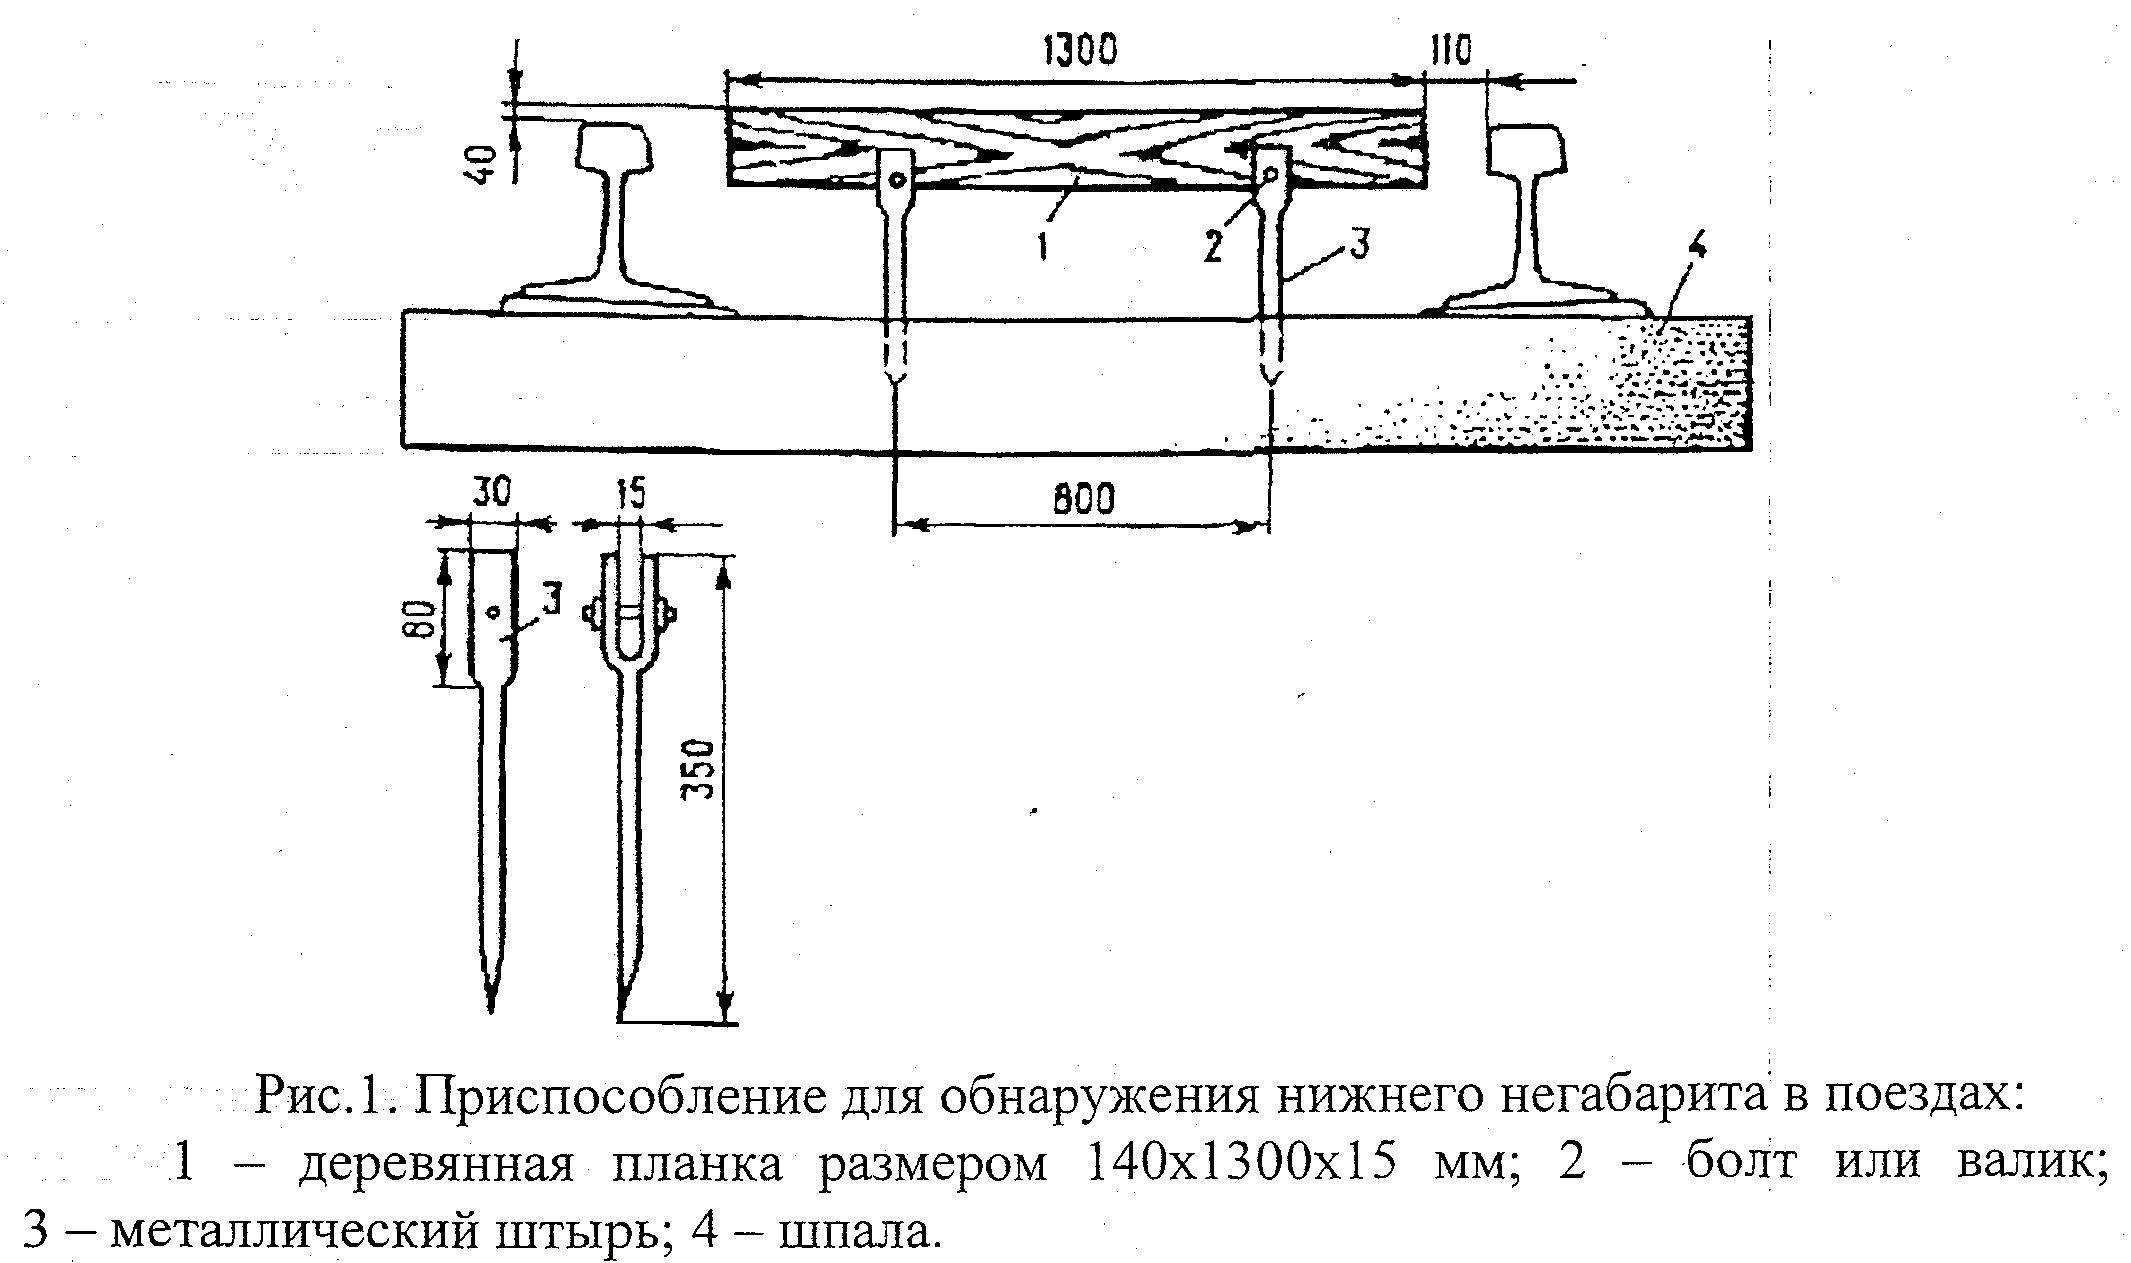 Инструкция проезда железнодорожного переезда